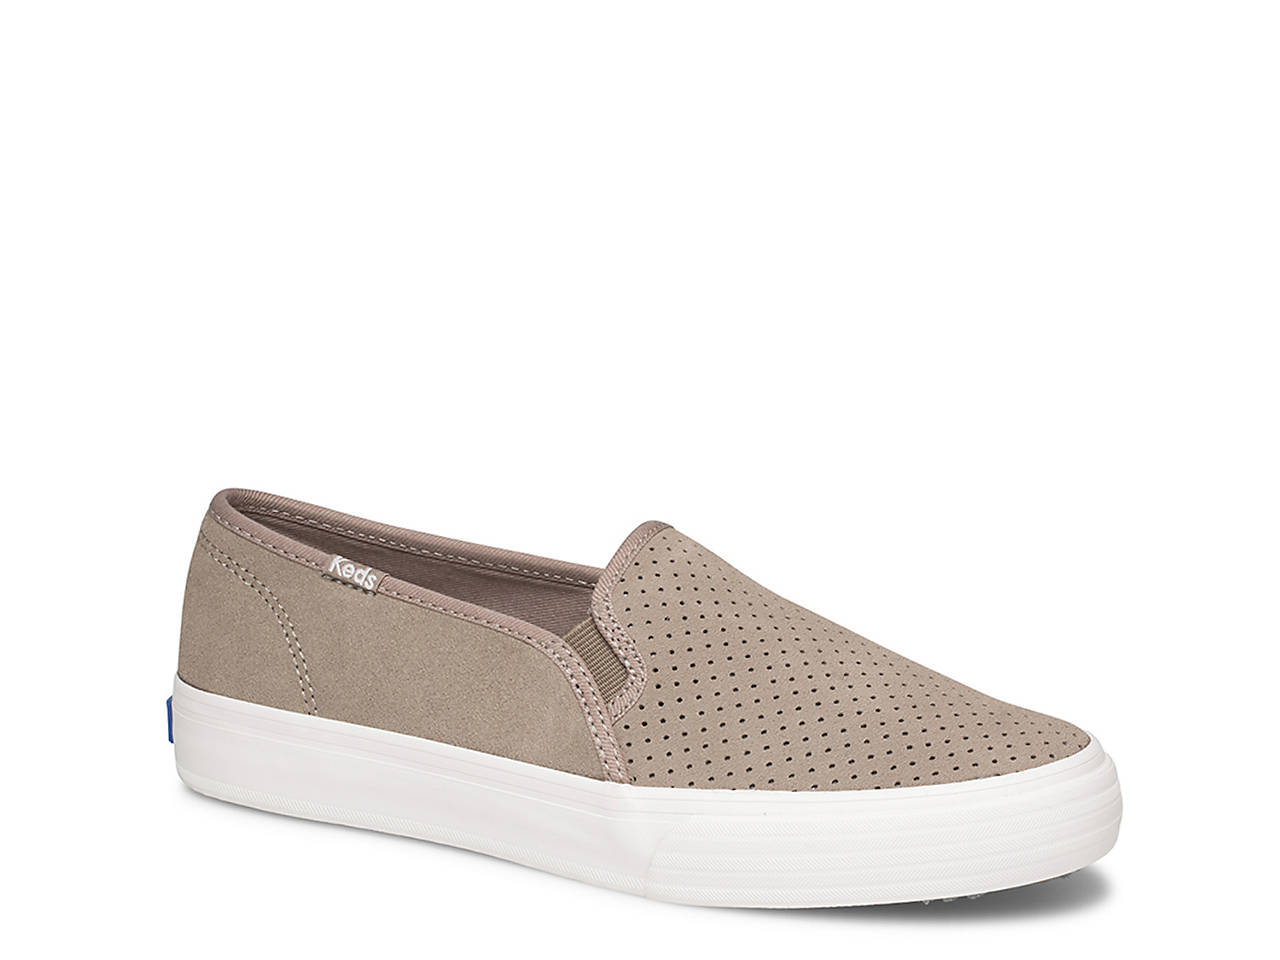 743ad721db9a Keds Double Decker Slip-On Sneaker - Women s Women s Shoes